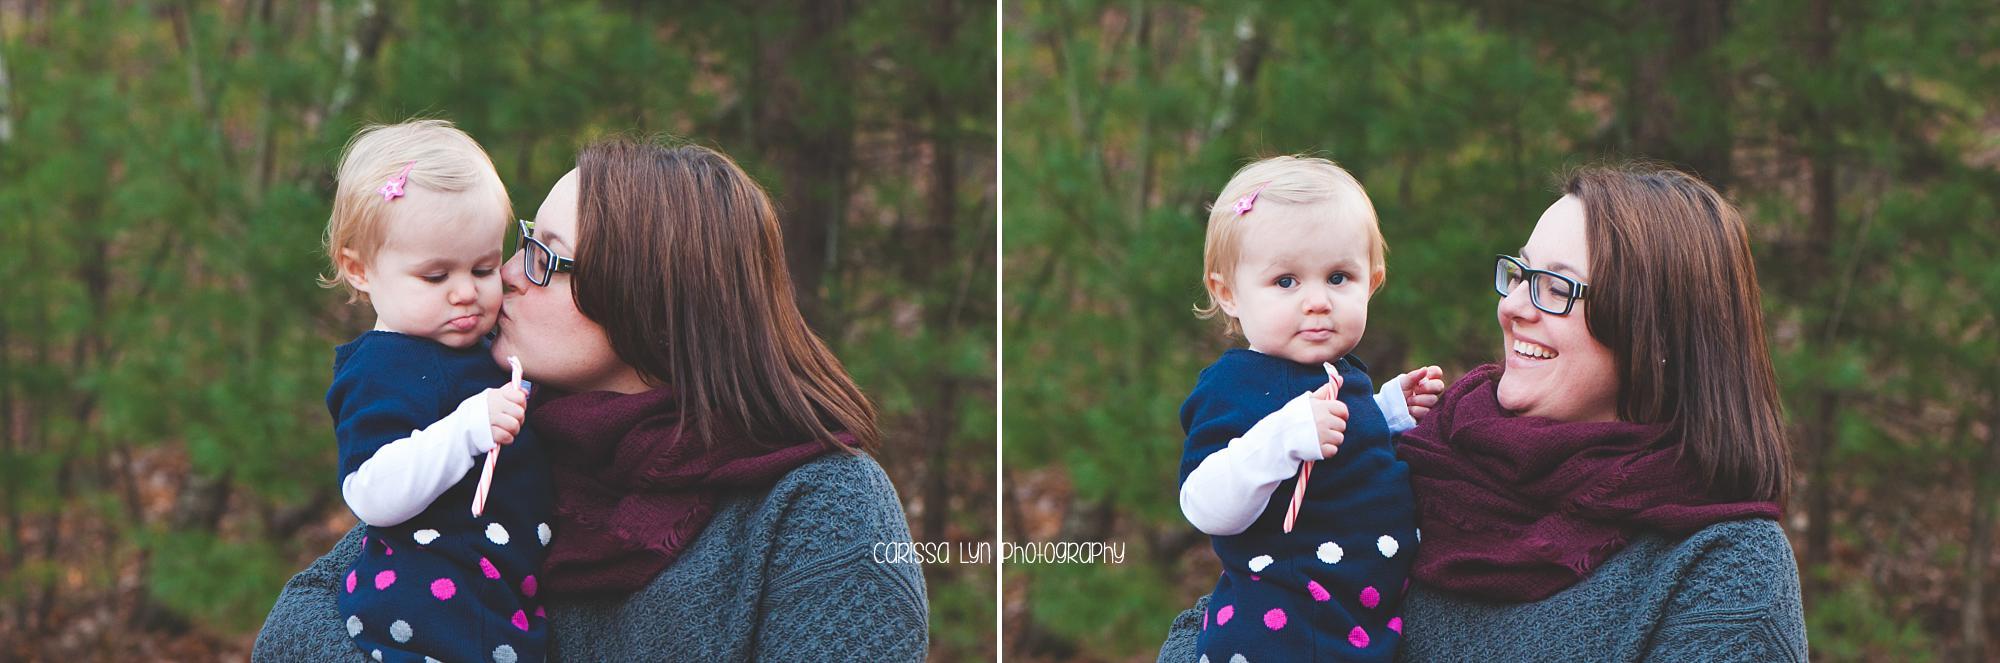 mom-kissing-toddler-girl-outside